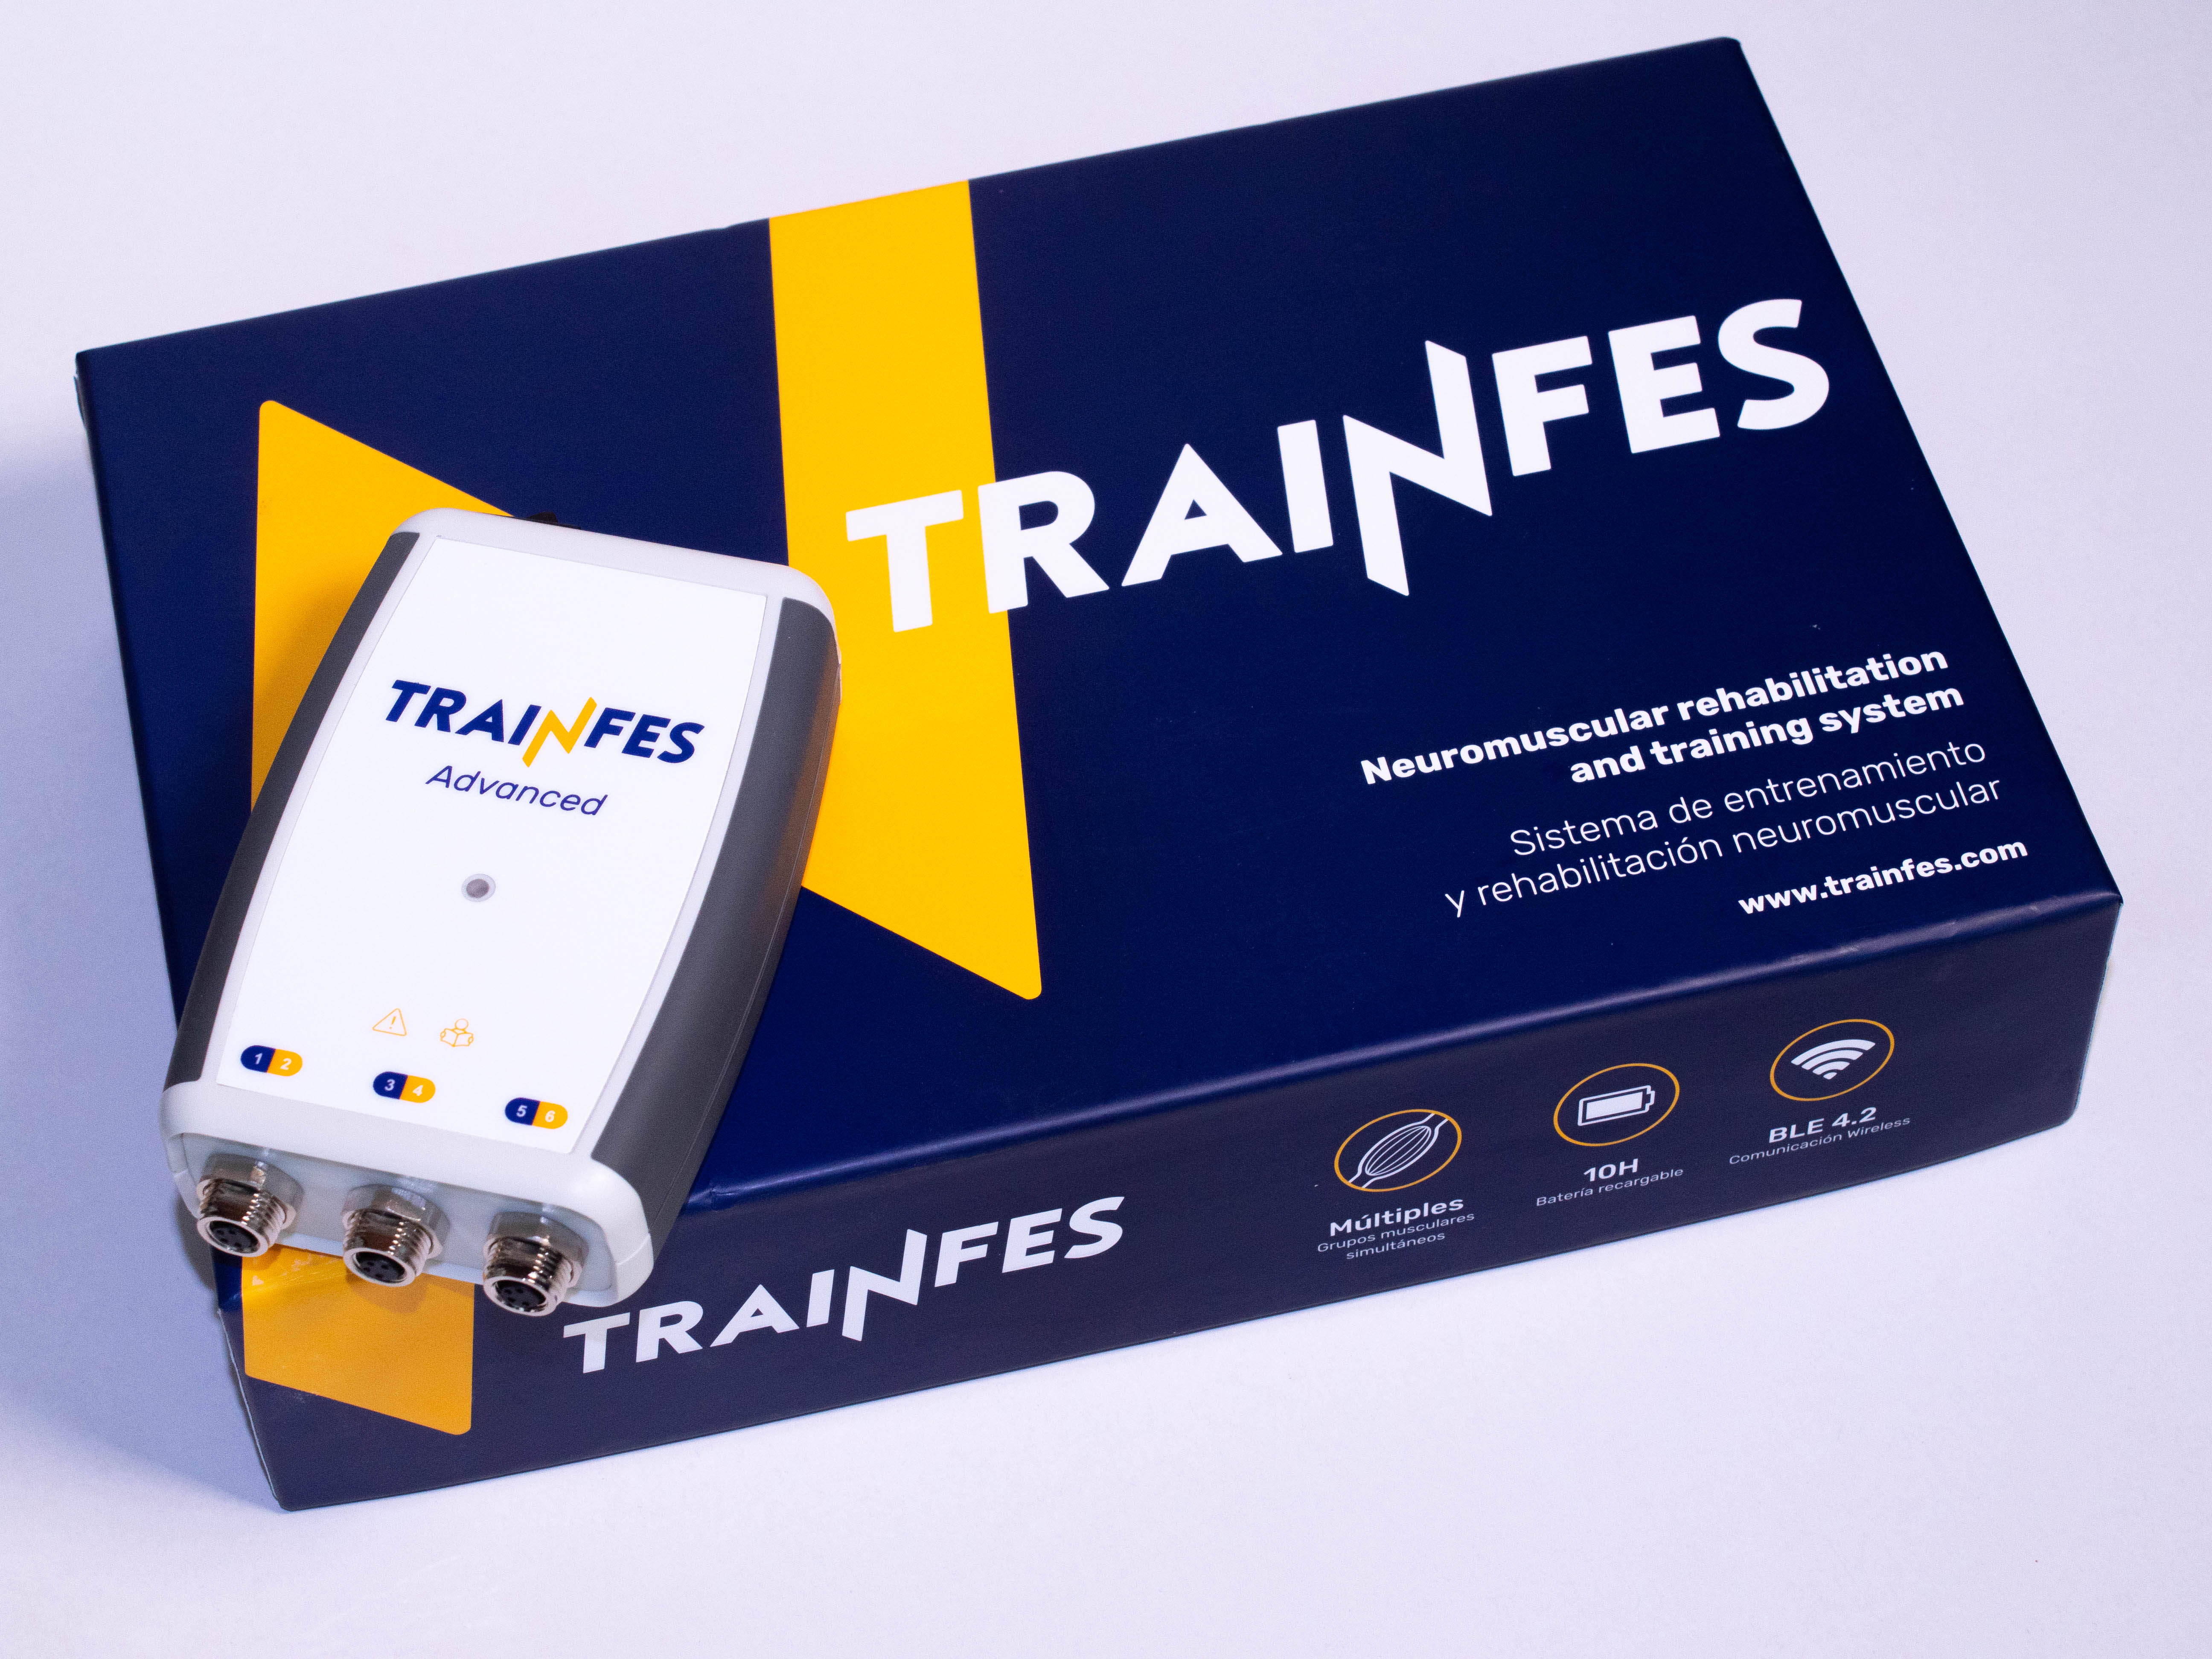 TRAINFES ADVANCED precio especial programa KINEFES